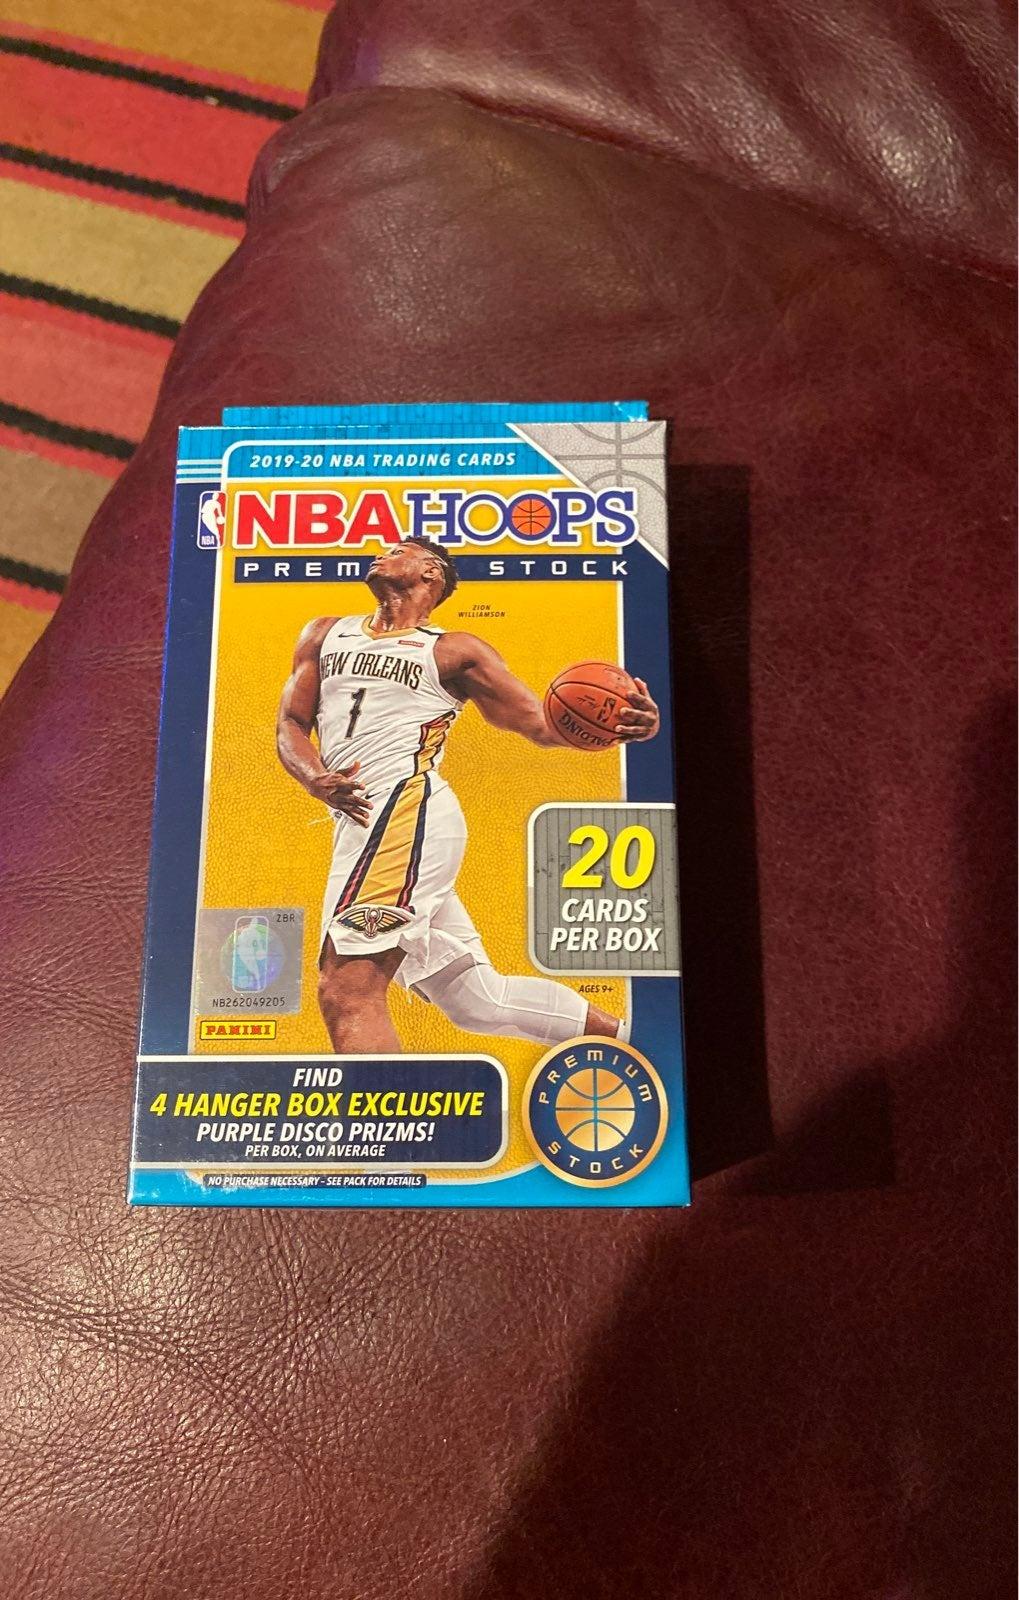 NBA Hoops Hanger Box